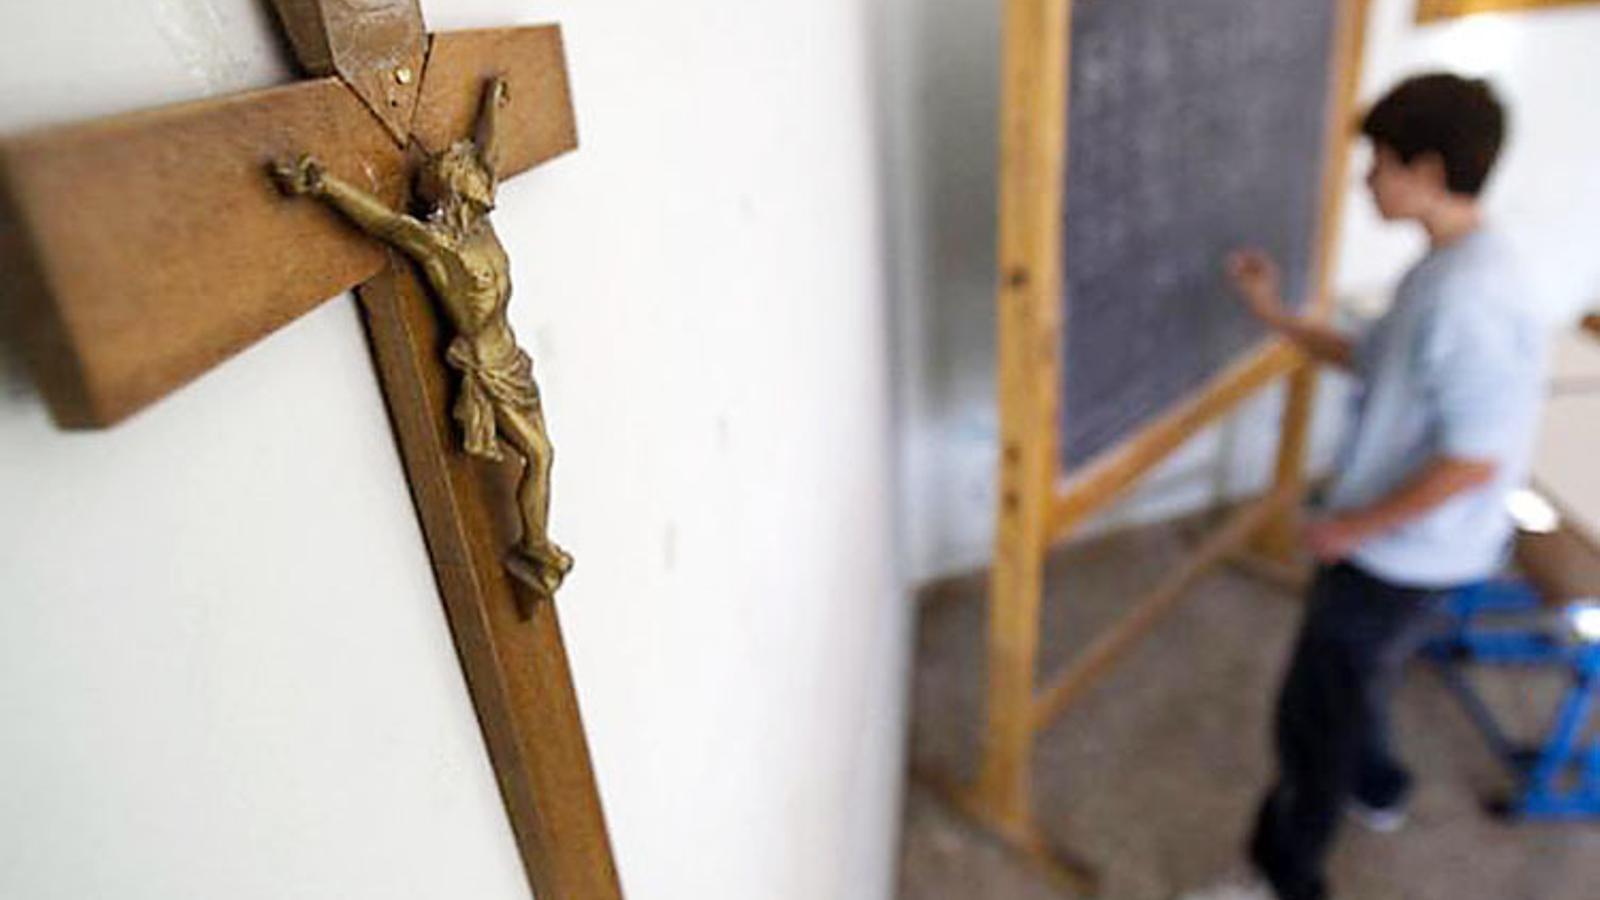 Un 63 % dels enquestats es considera creient en la religió catòlica